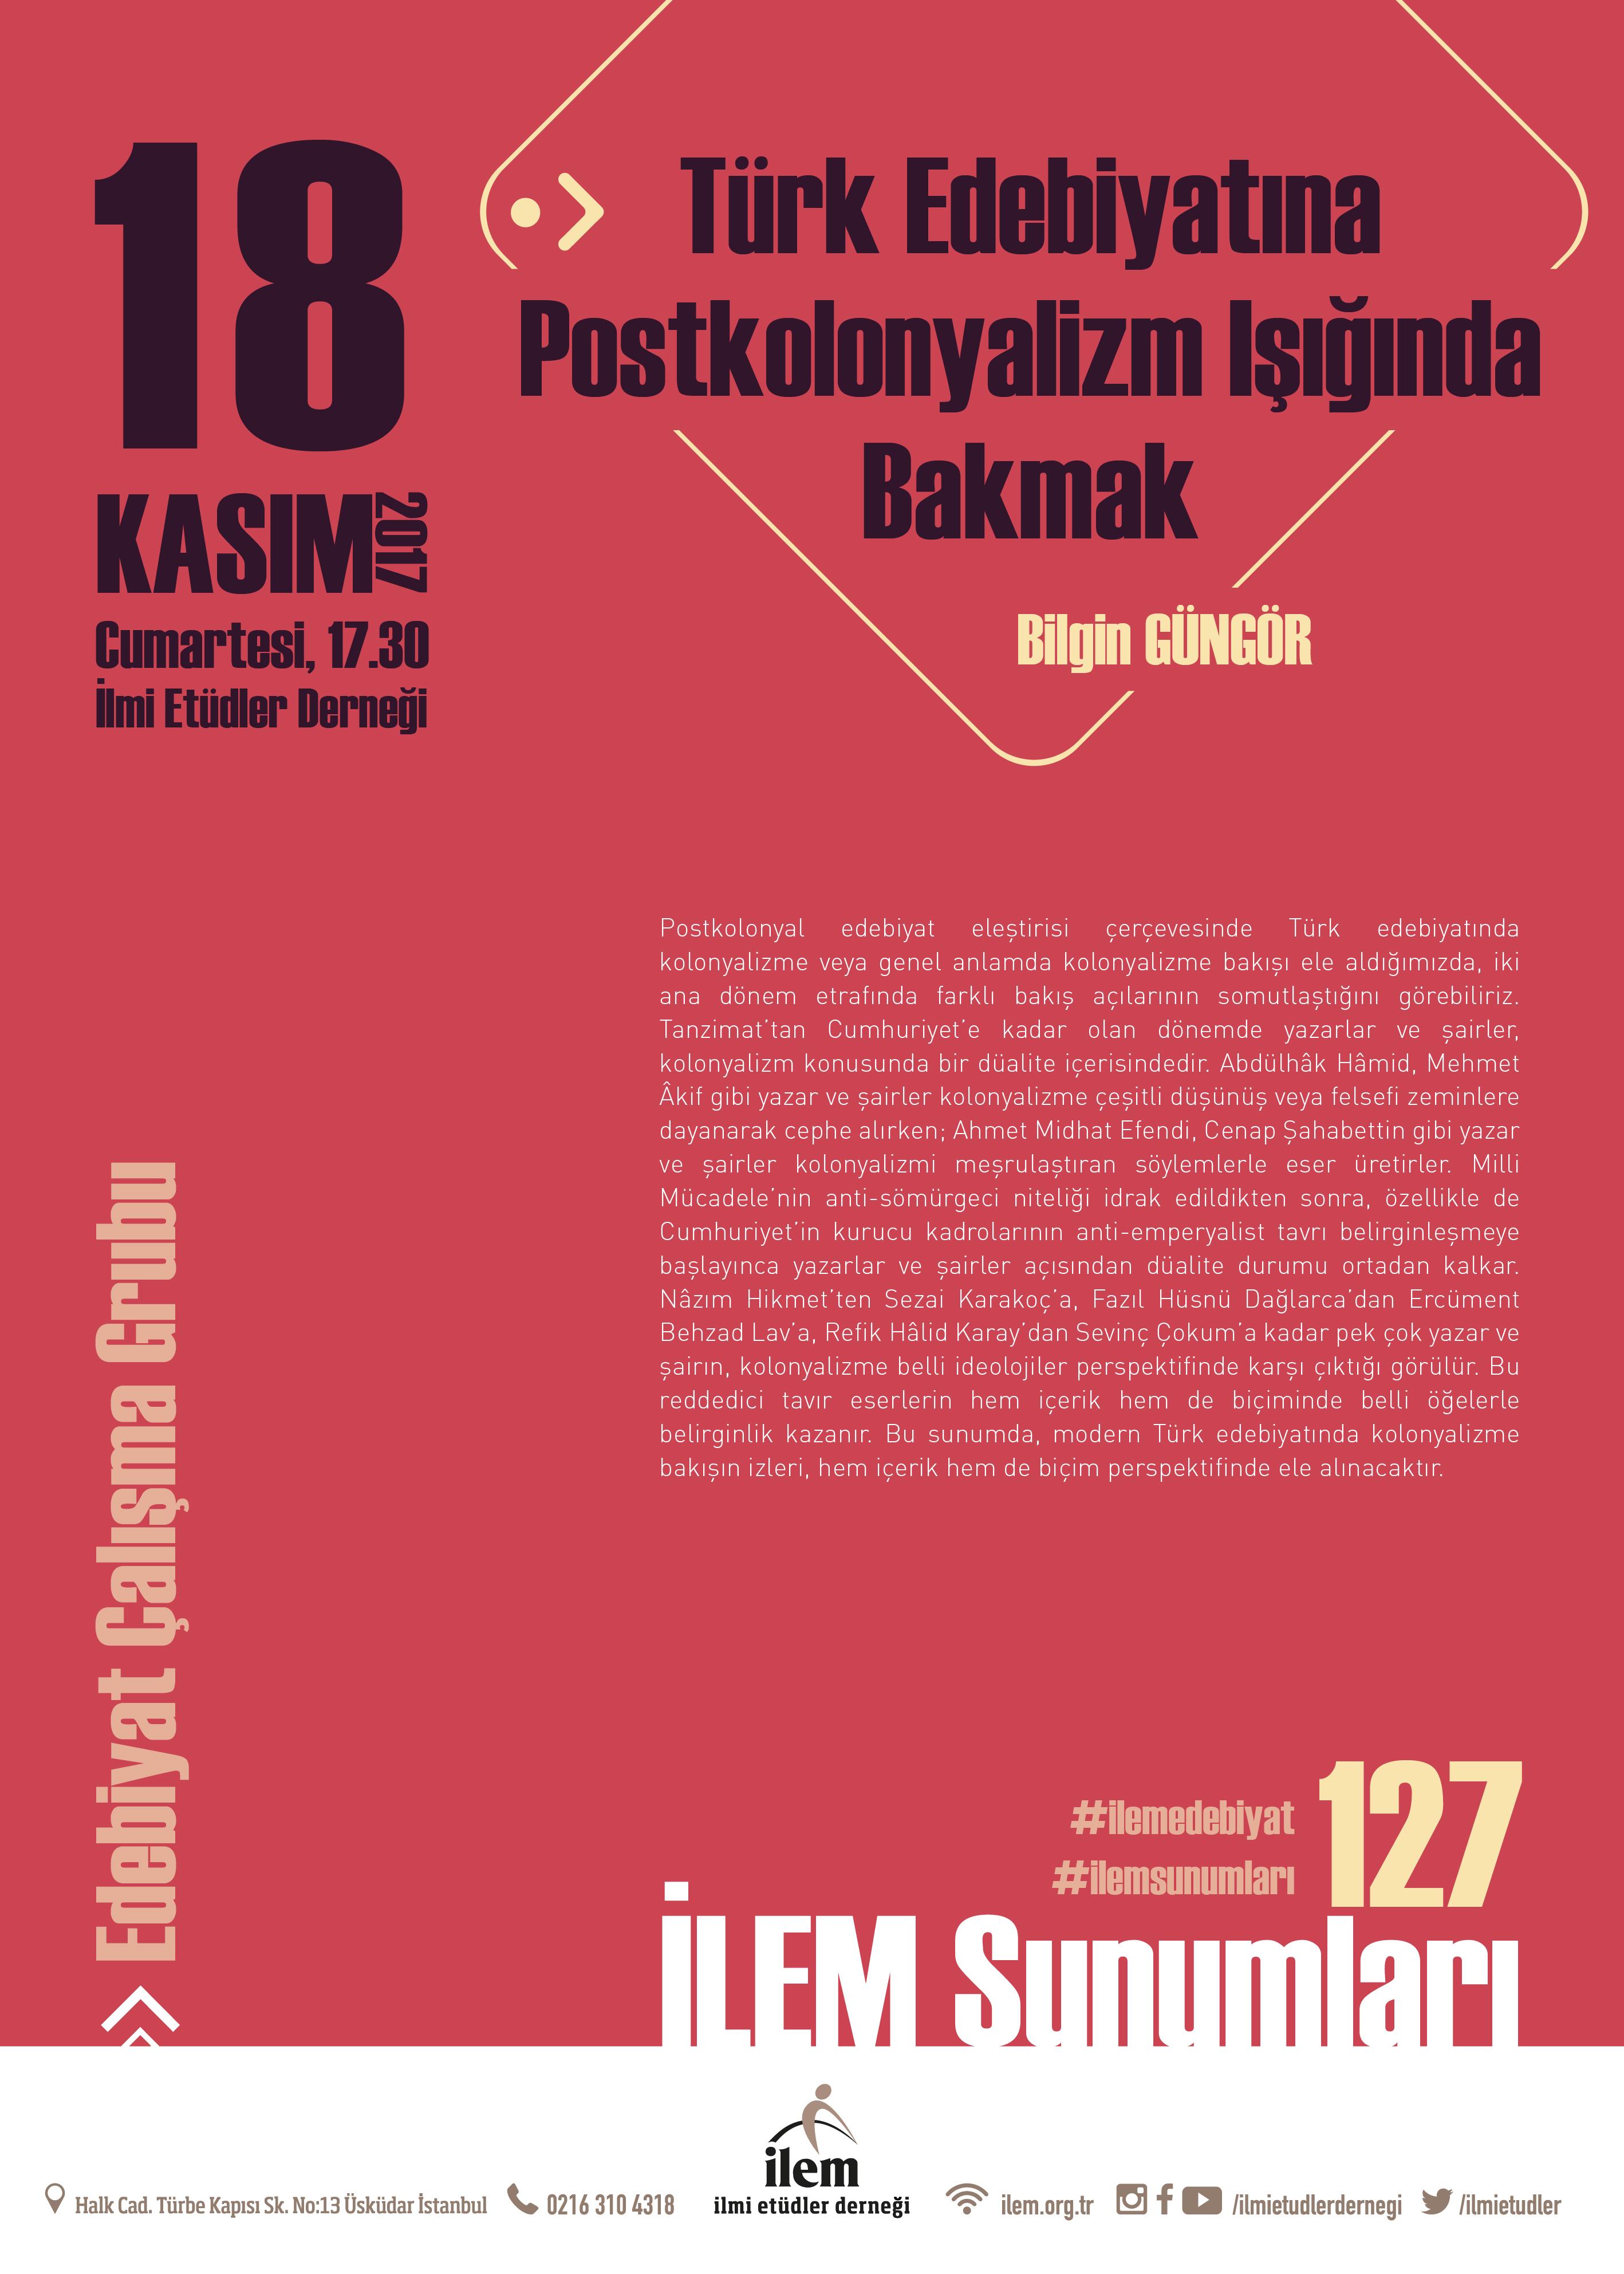 Türk Edebiyatına Postkolonyalizm Işığında Bakmak